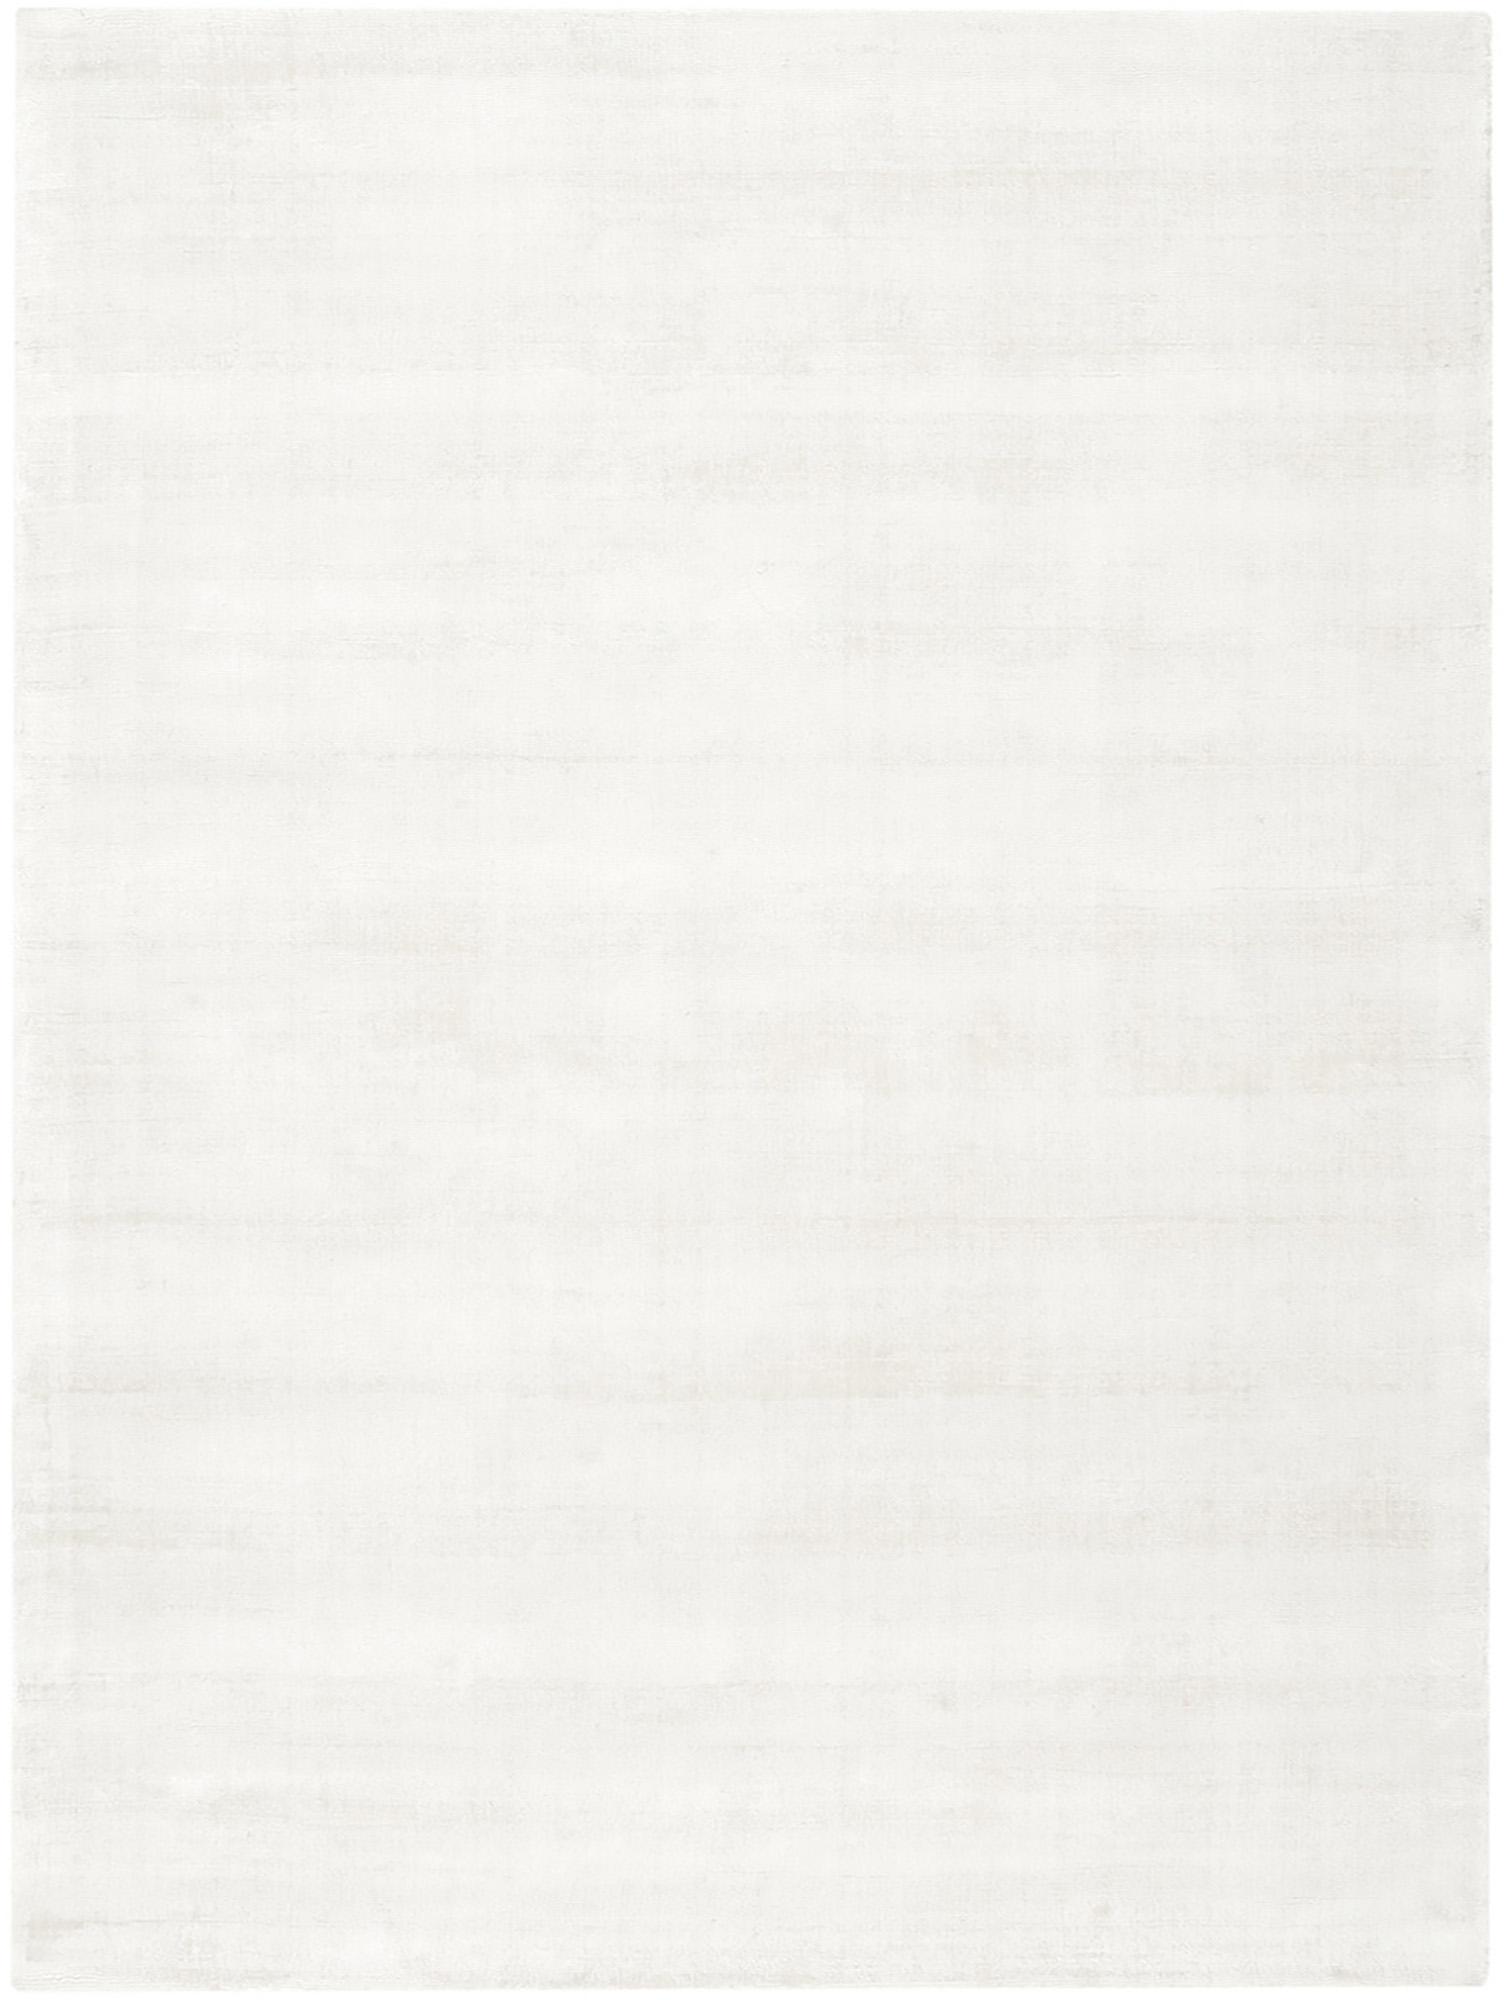 Handgewebter Viskoseteppich Jane in Elfenbeinfarben, Flor: 100% Viskose, Elfenbeinfarben, B 300 x L 400 cm (Grösse XL)